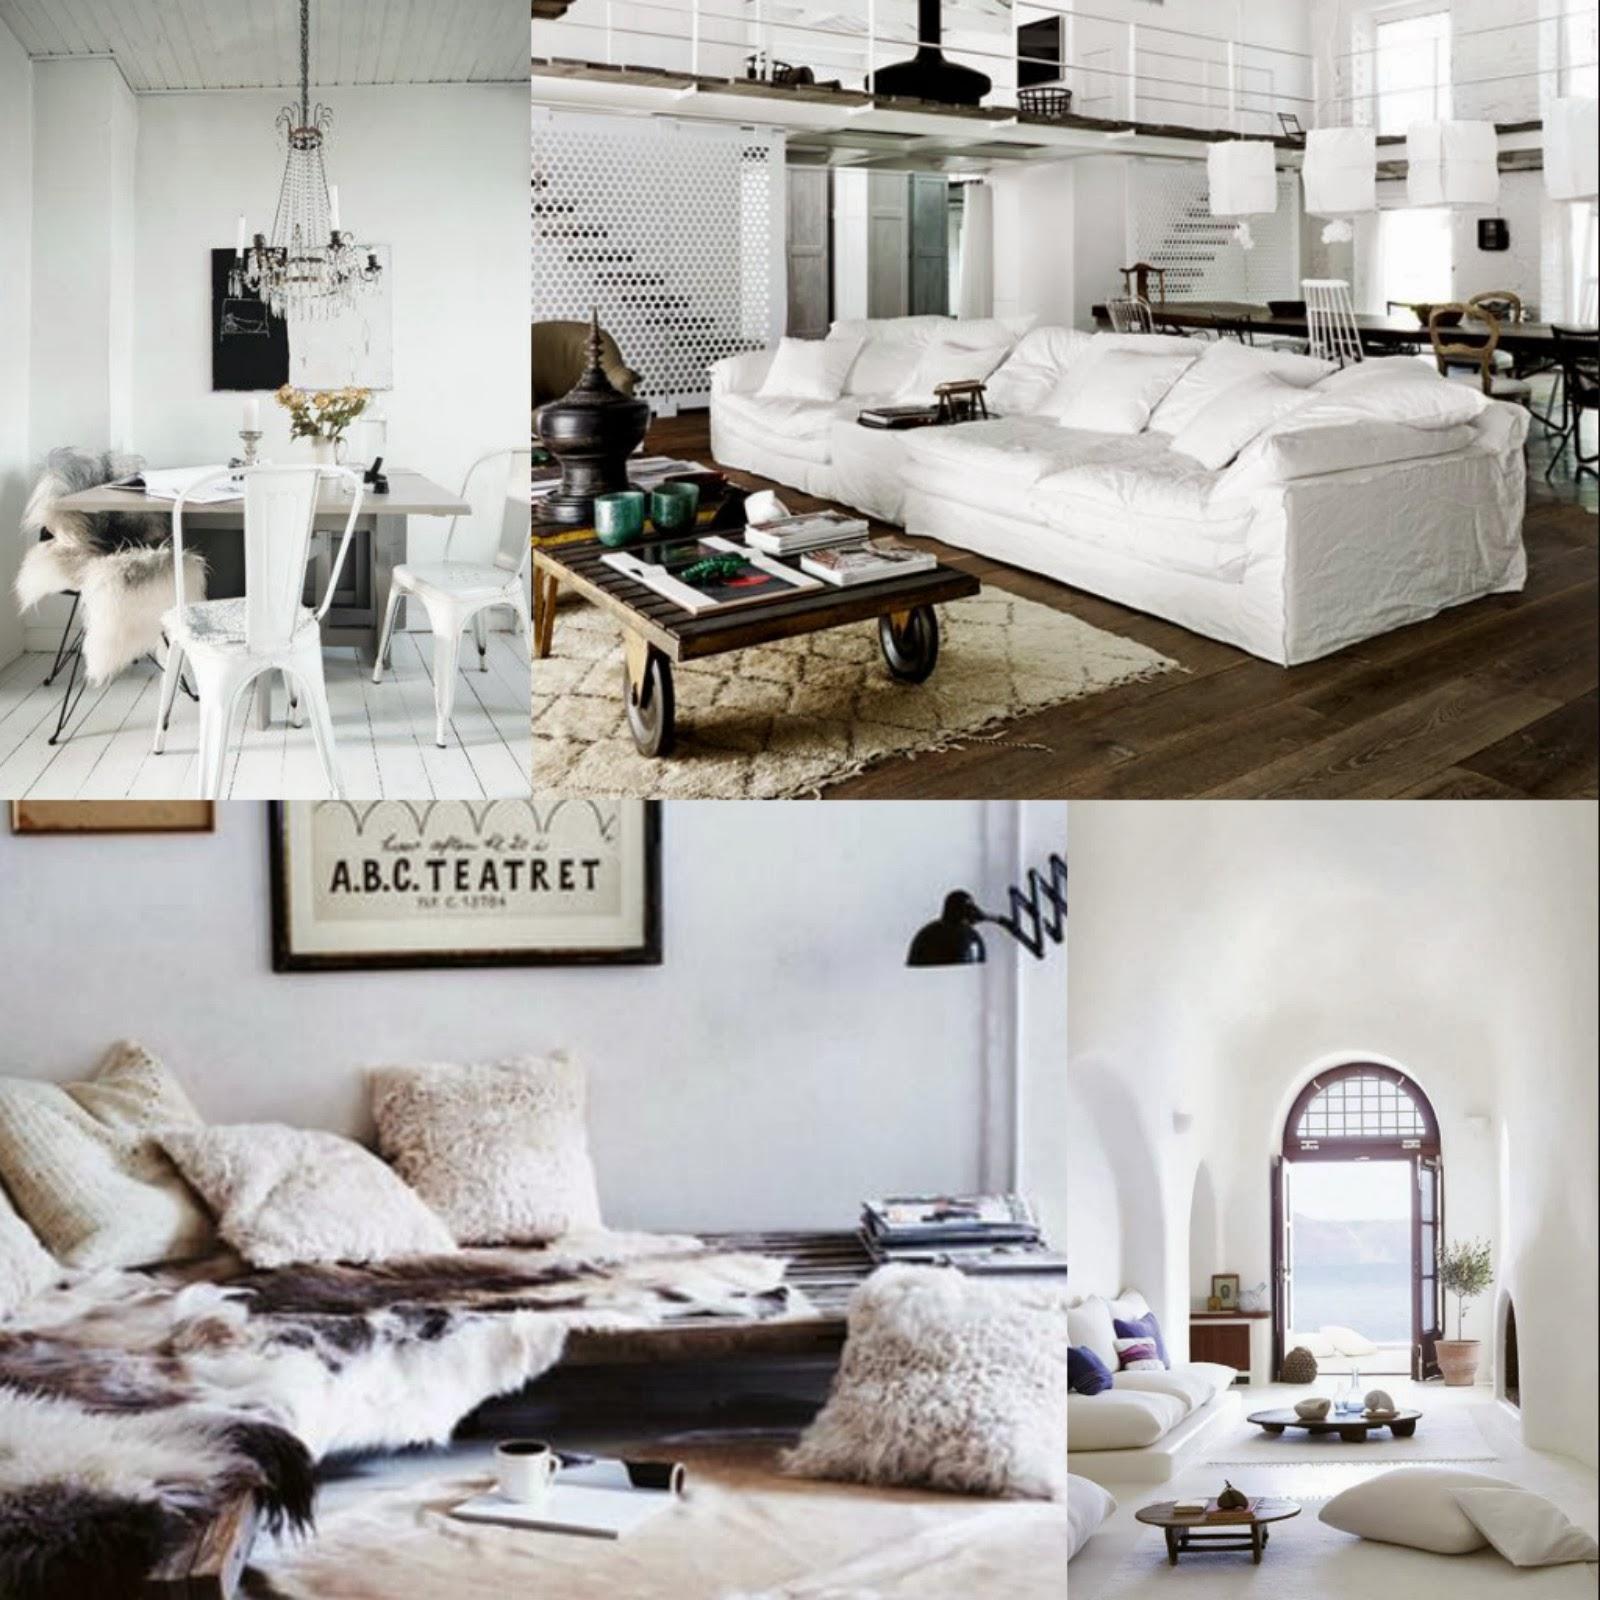 White decor, white interior style